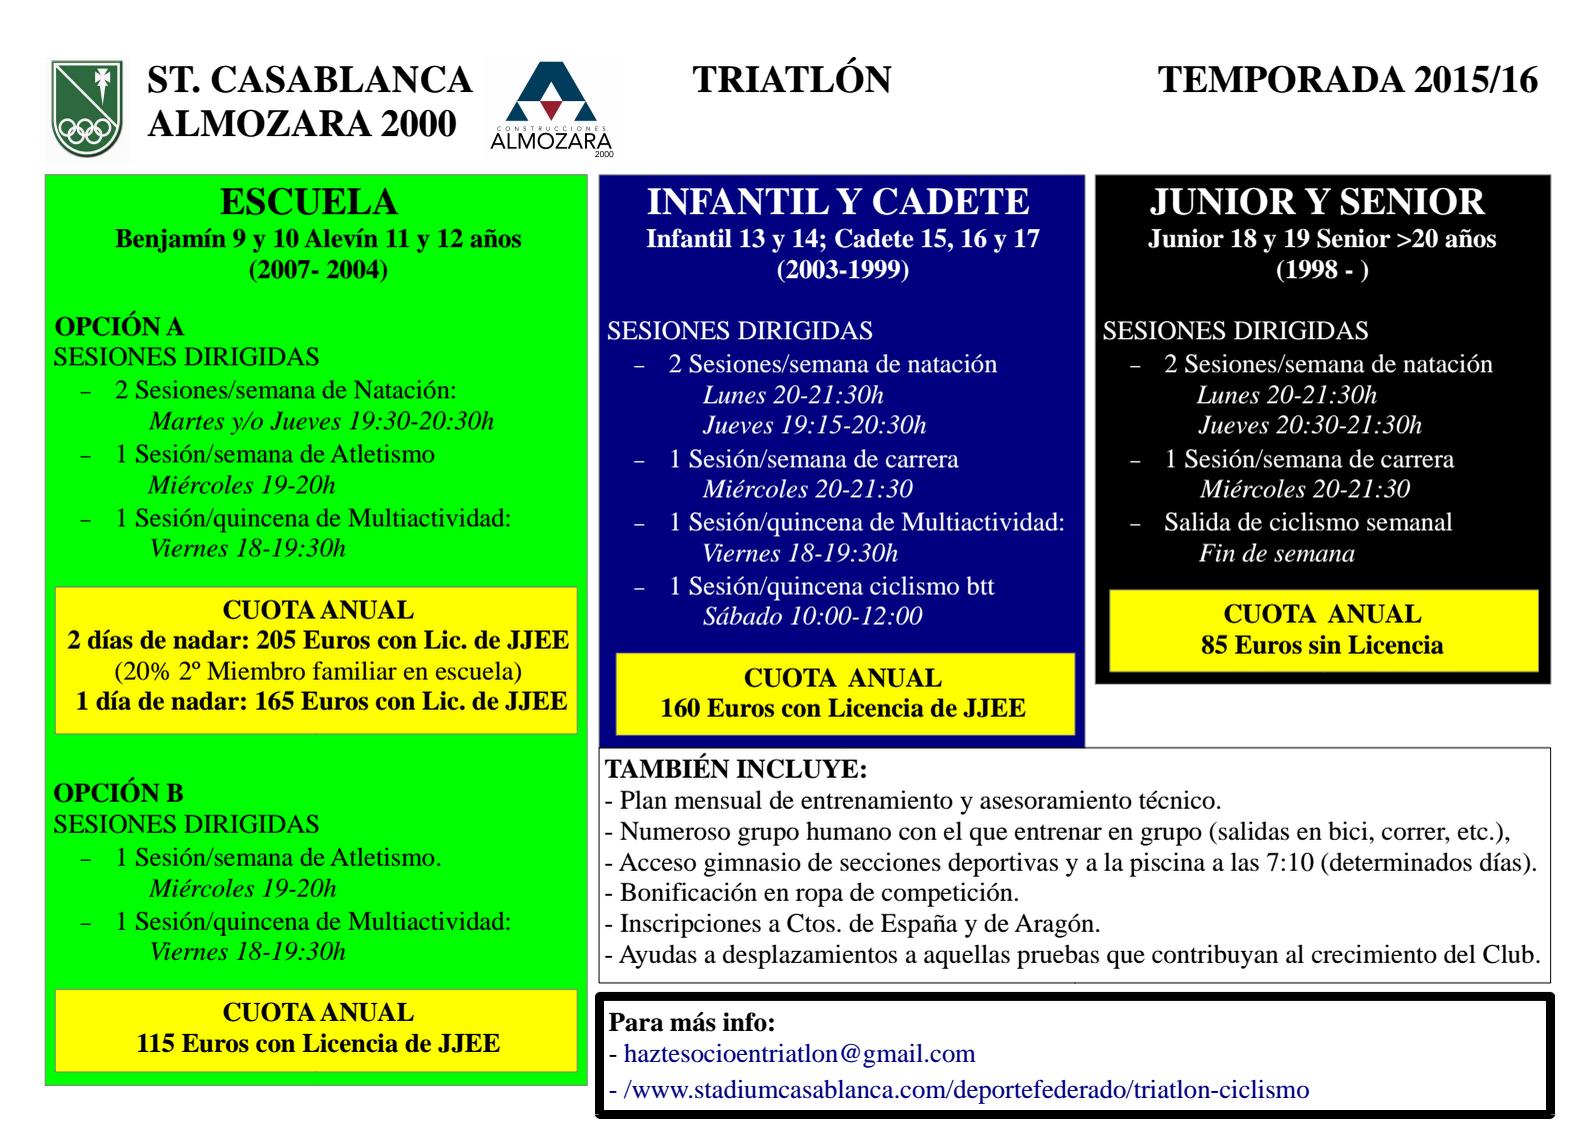 OFERTA DEPORTIVA 2015/16